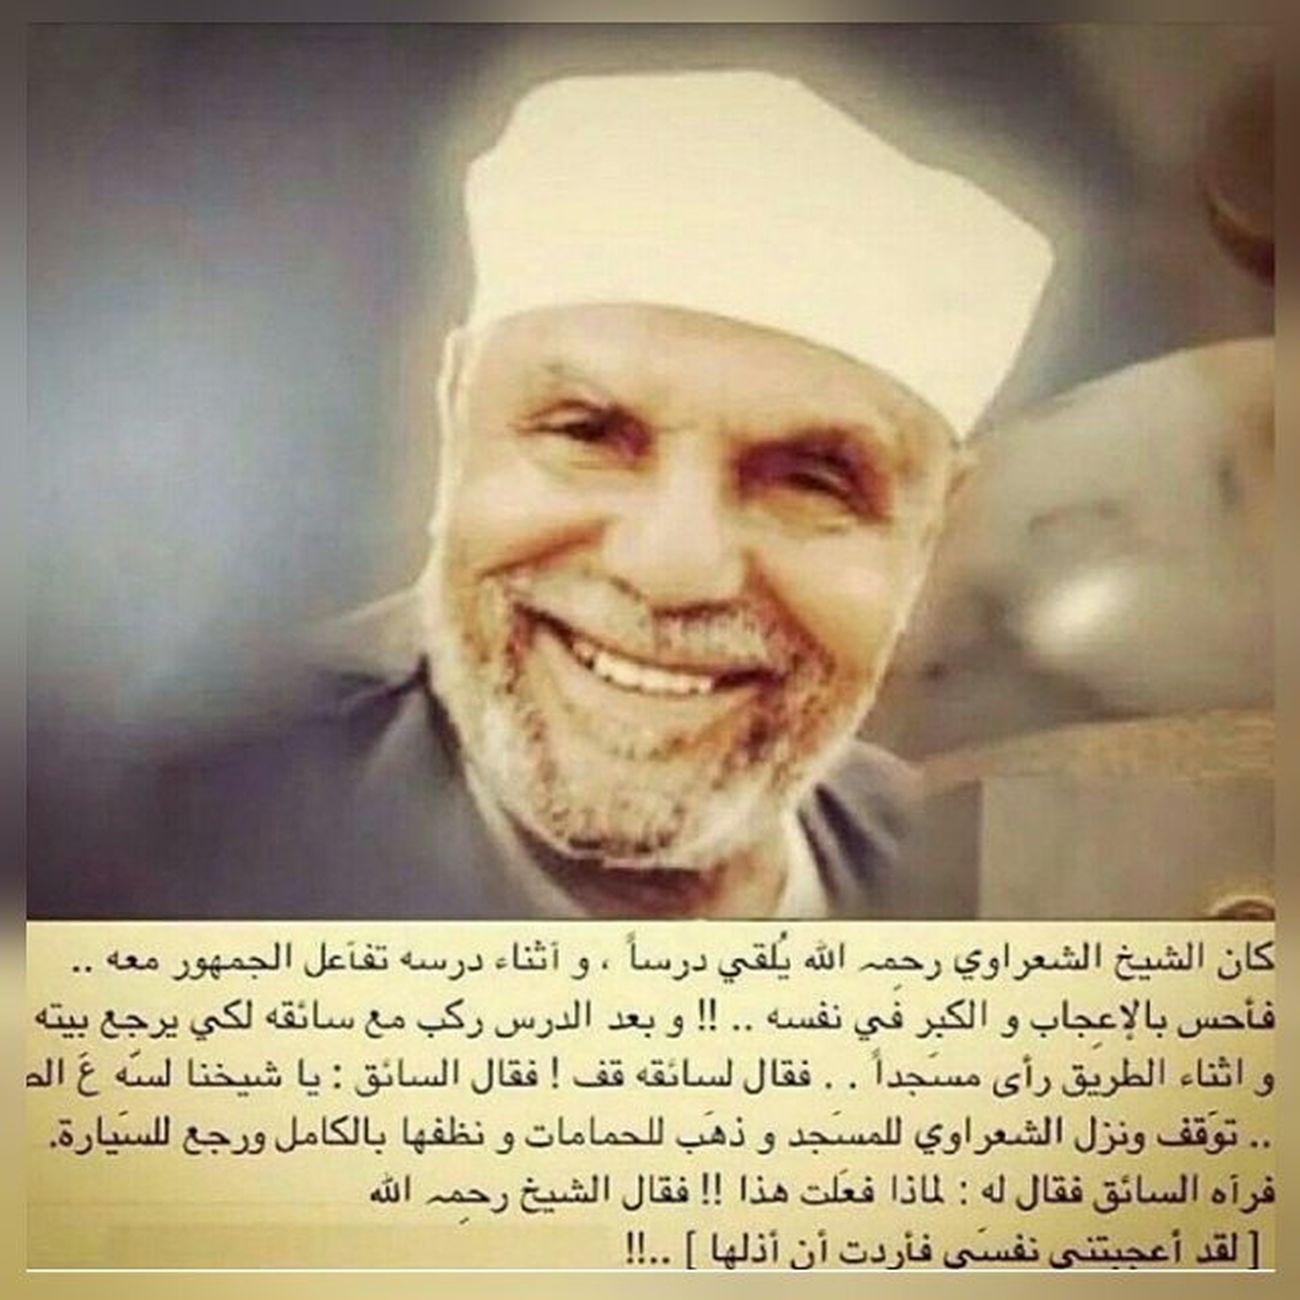 الشيخ محمد متولي الشعراوي💗